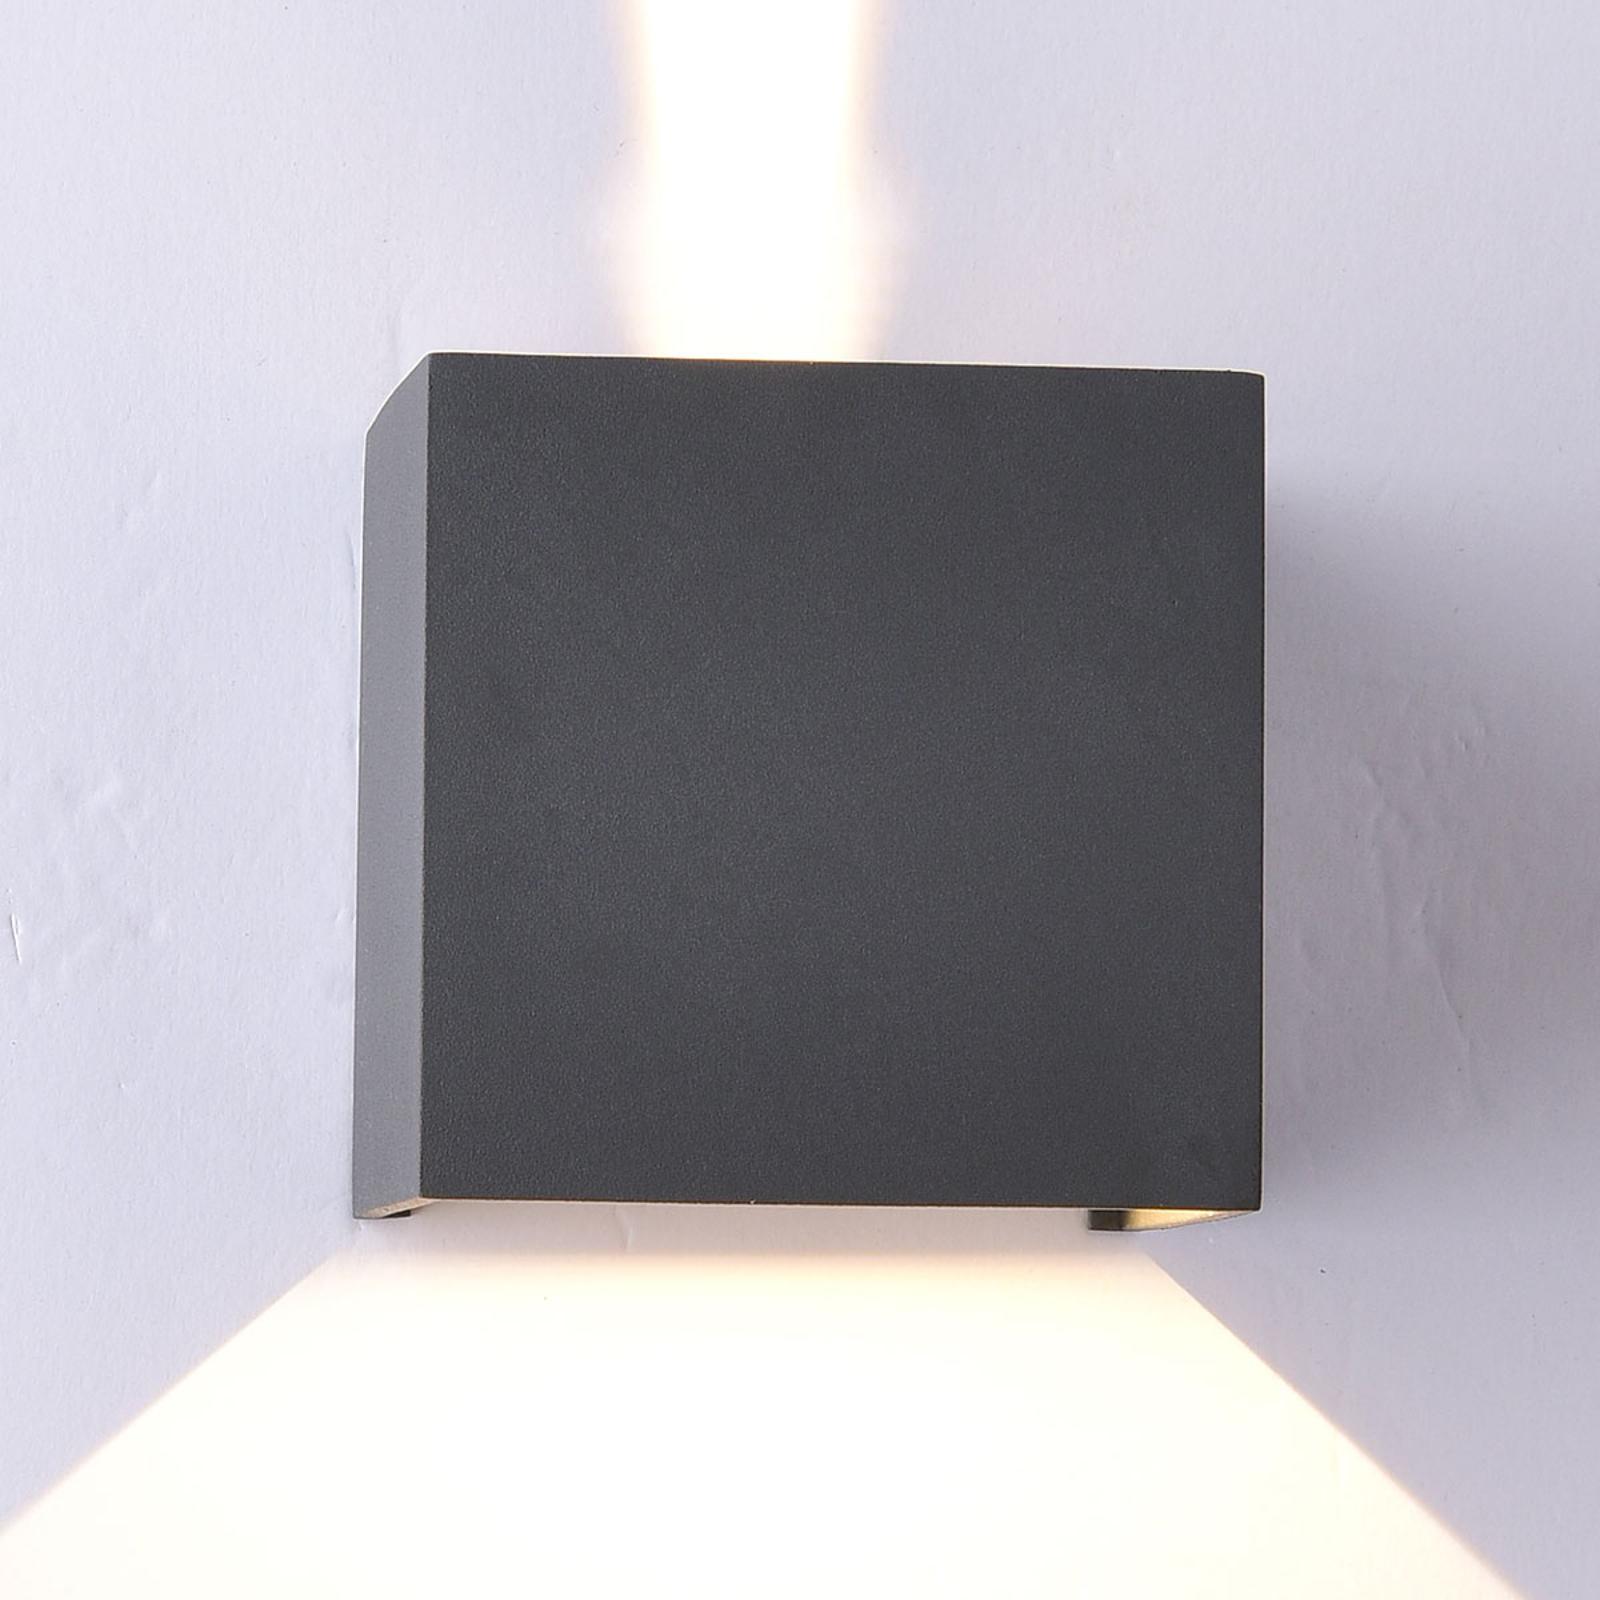 Utendørs LED-vegglampe Davos kantet, mørkegrå